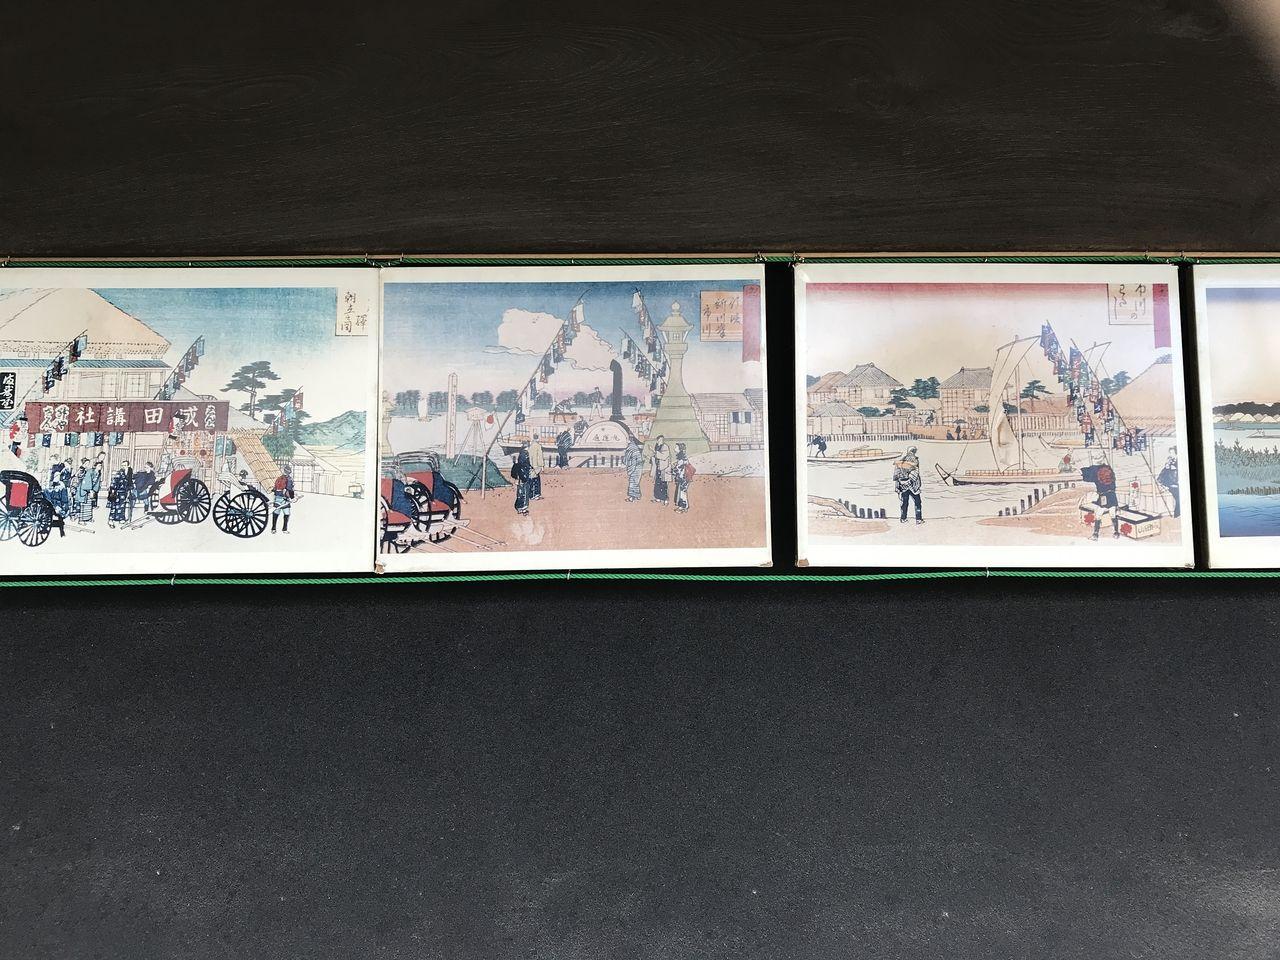 行徳の笹屋うどん跡の軒先にある浮世絵